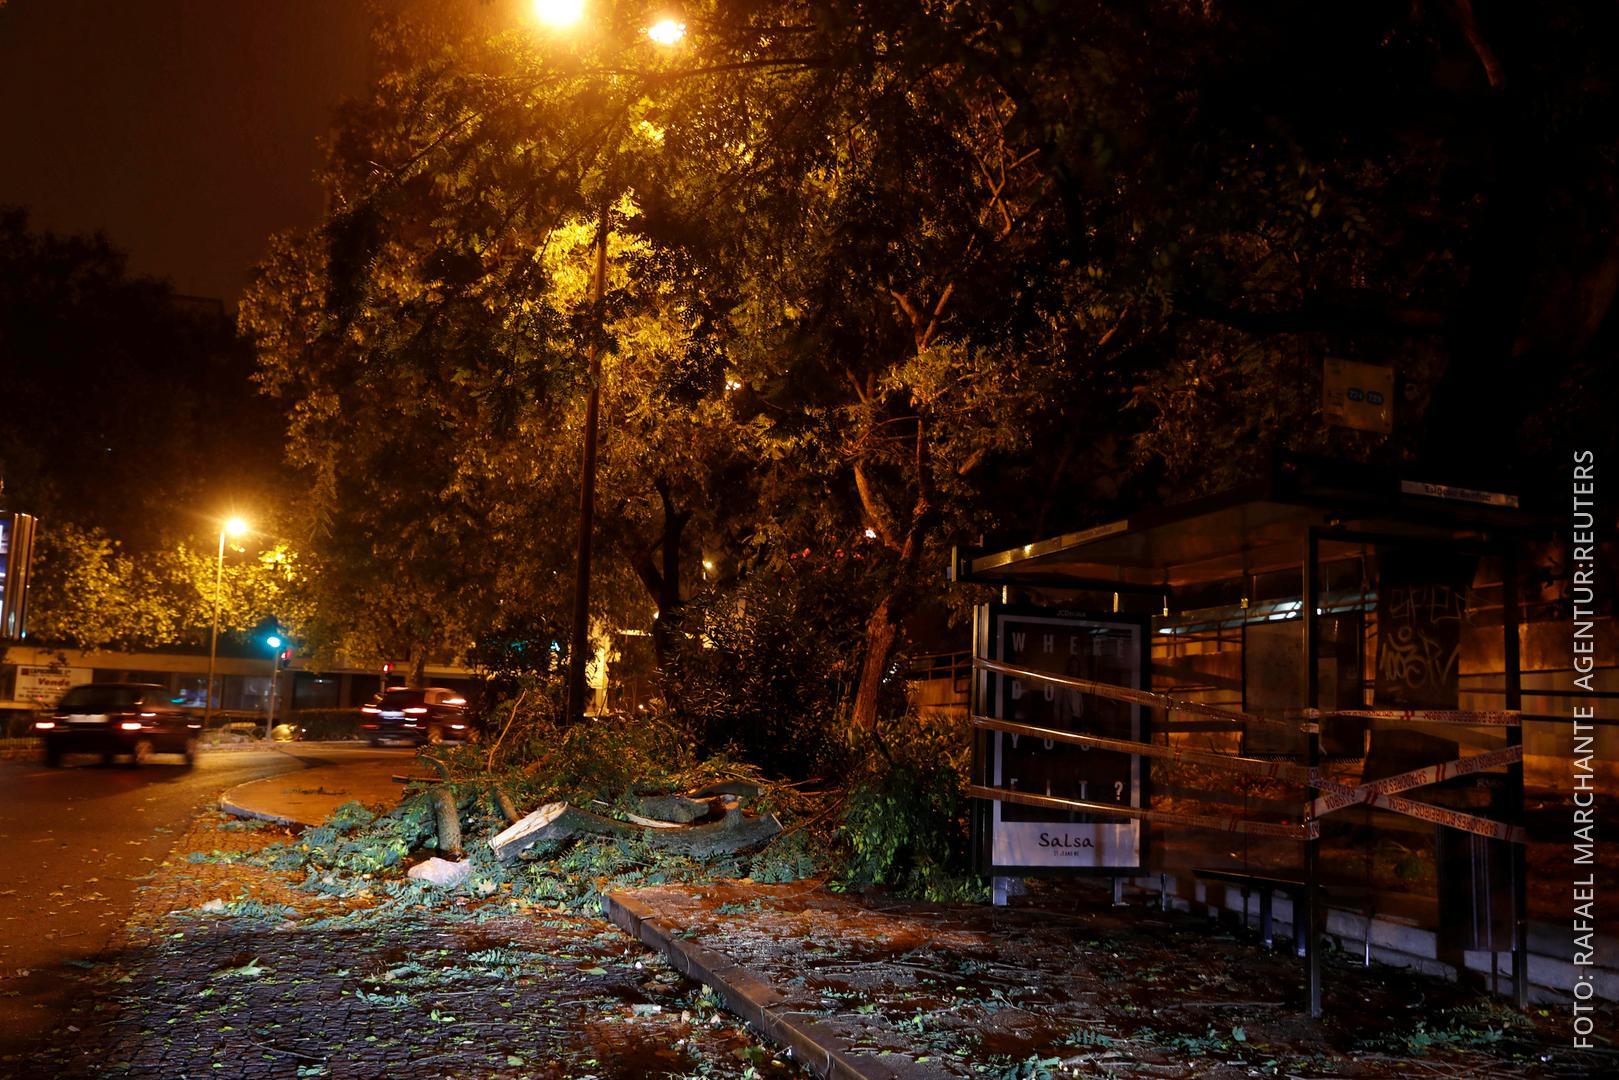 Ein entwurzelter BAum liegt auf der Straße, eine Bushaltestelle ist zerstört